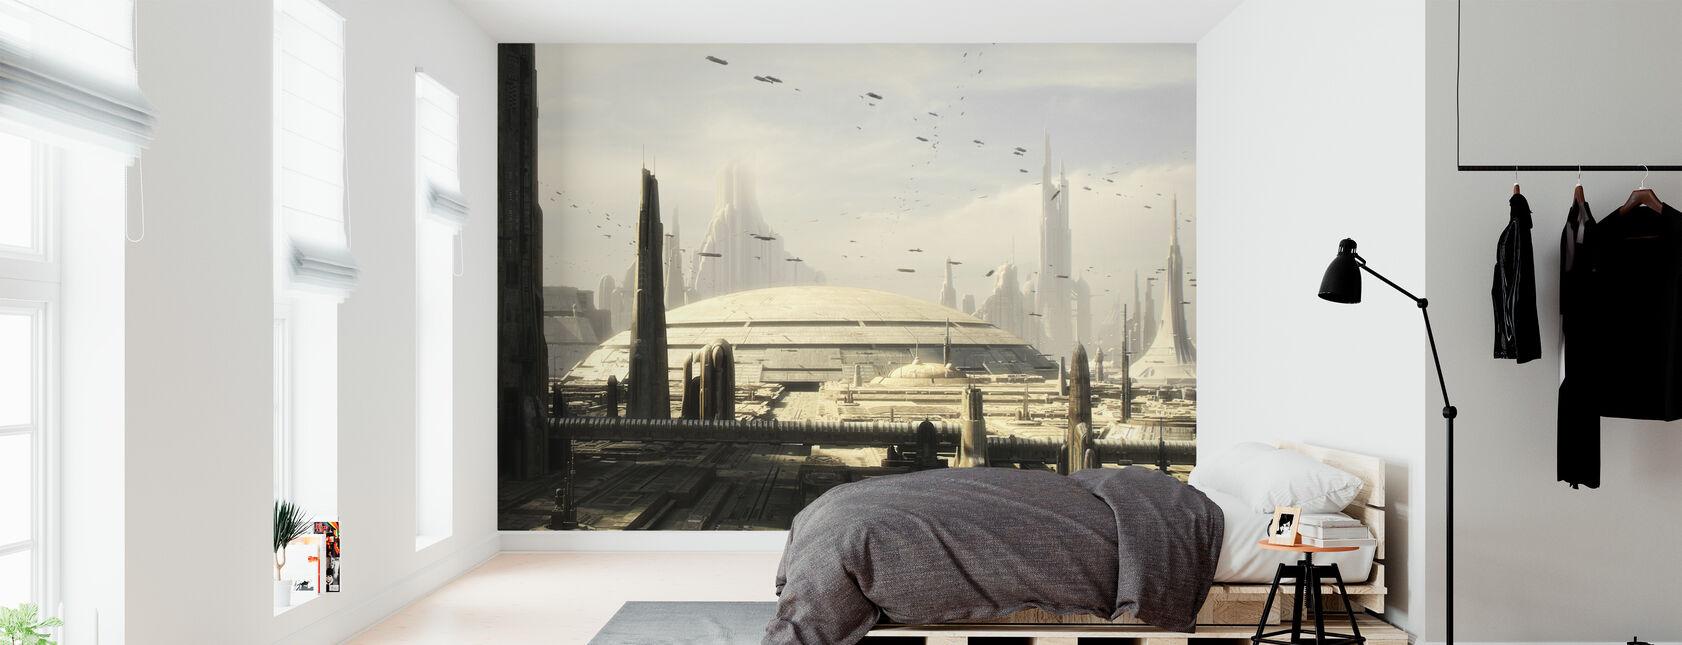 Star Wars - Coruscant Bygninger 1 - Tapet - Soverom